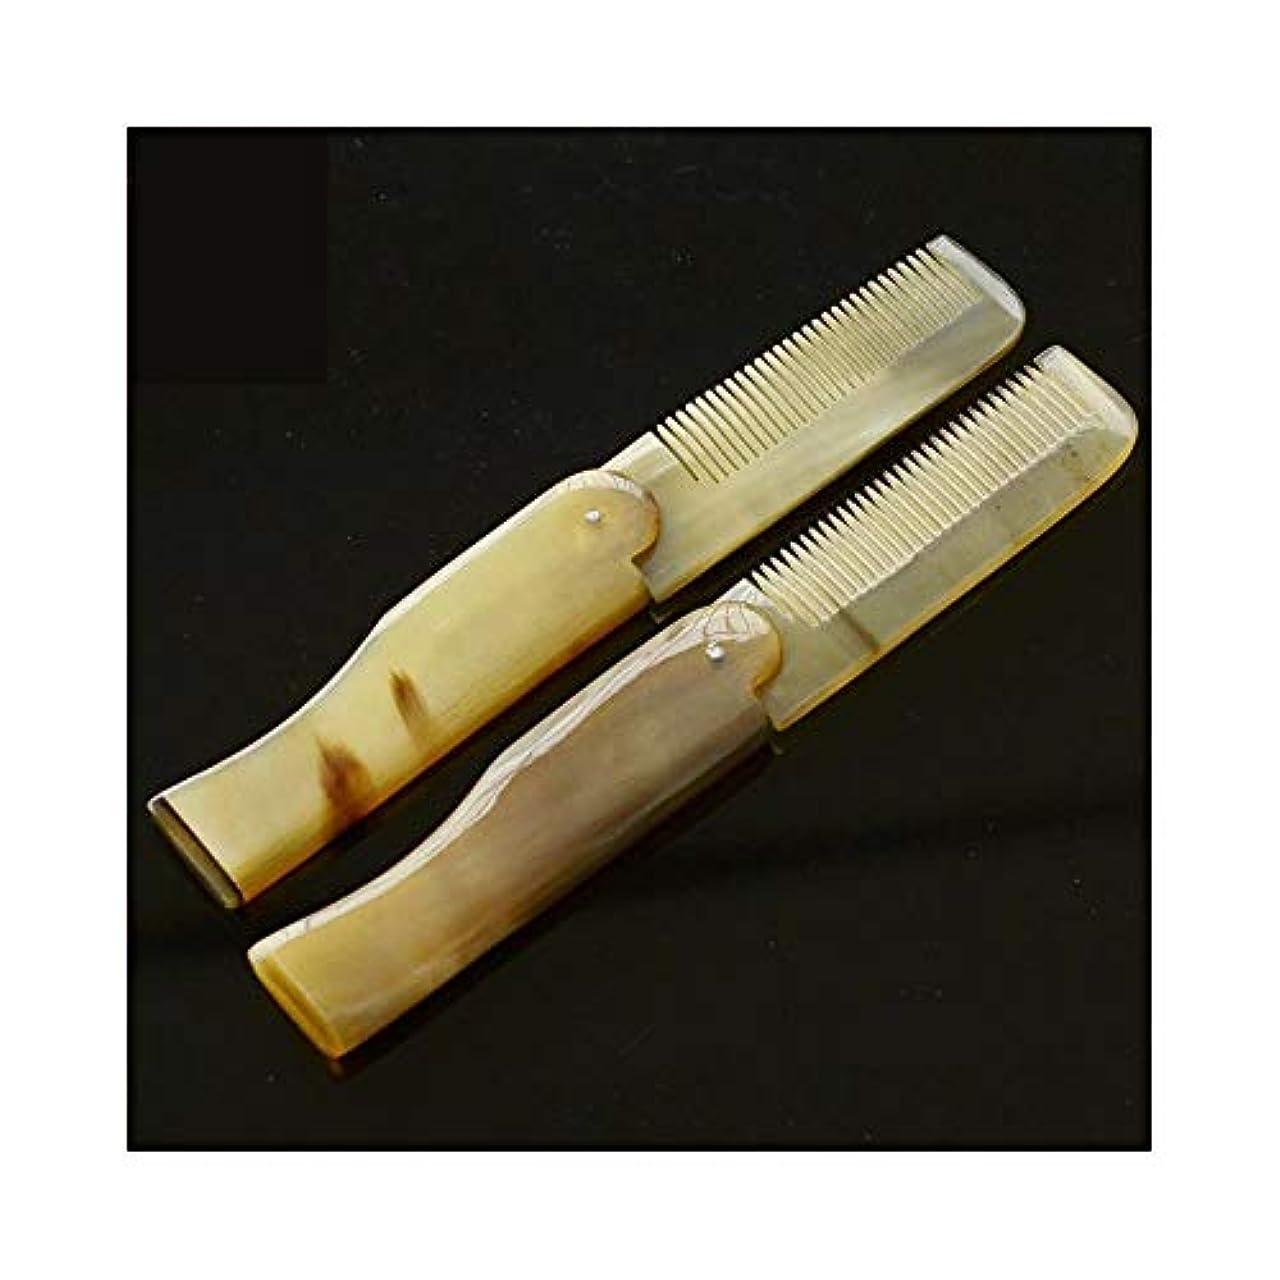 道徳発行するテスピアンFashianナチュラルバッファローホーン櫛ポータブルトラベル折りたたみヘアブラシ(ファイン歯、17センチメートル) ヘアケア